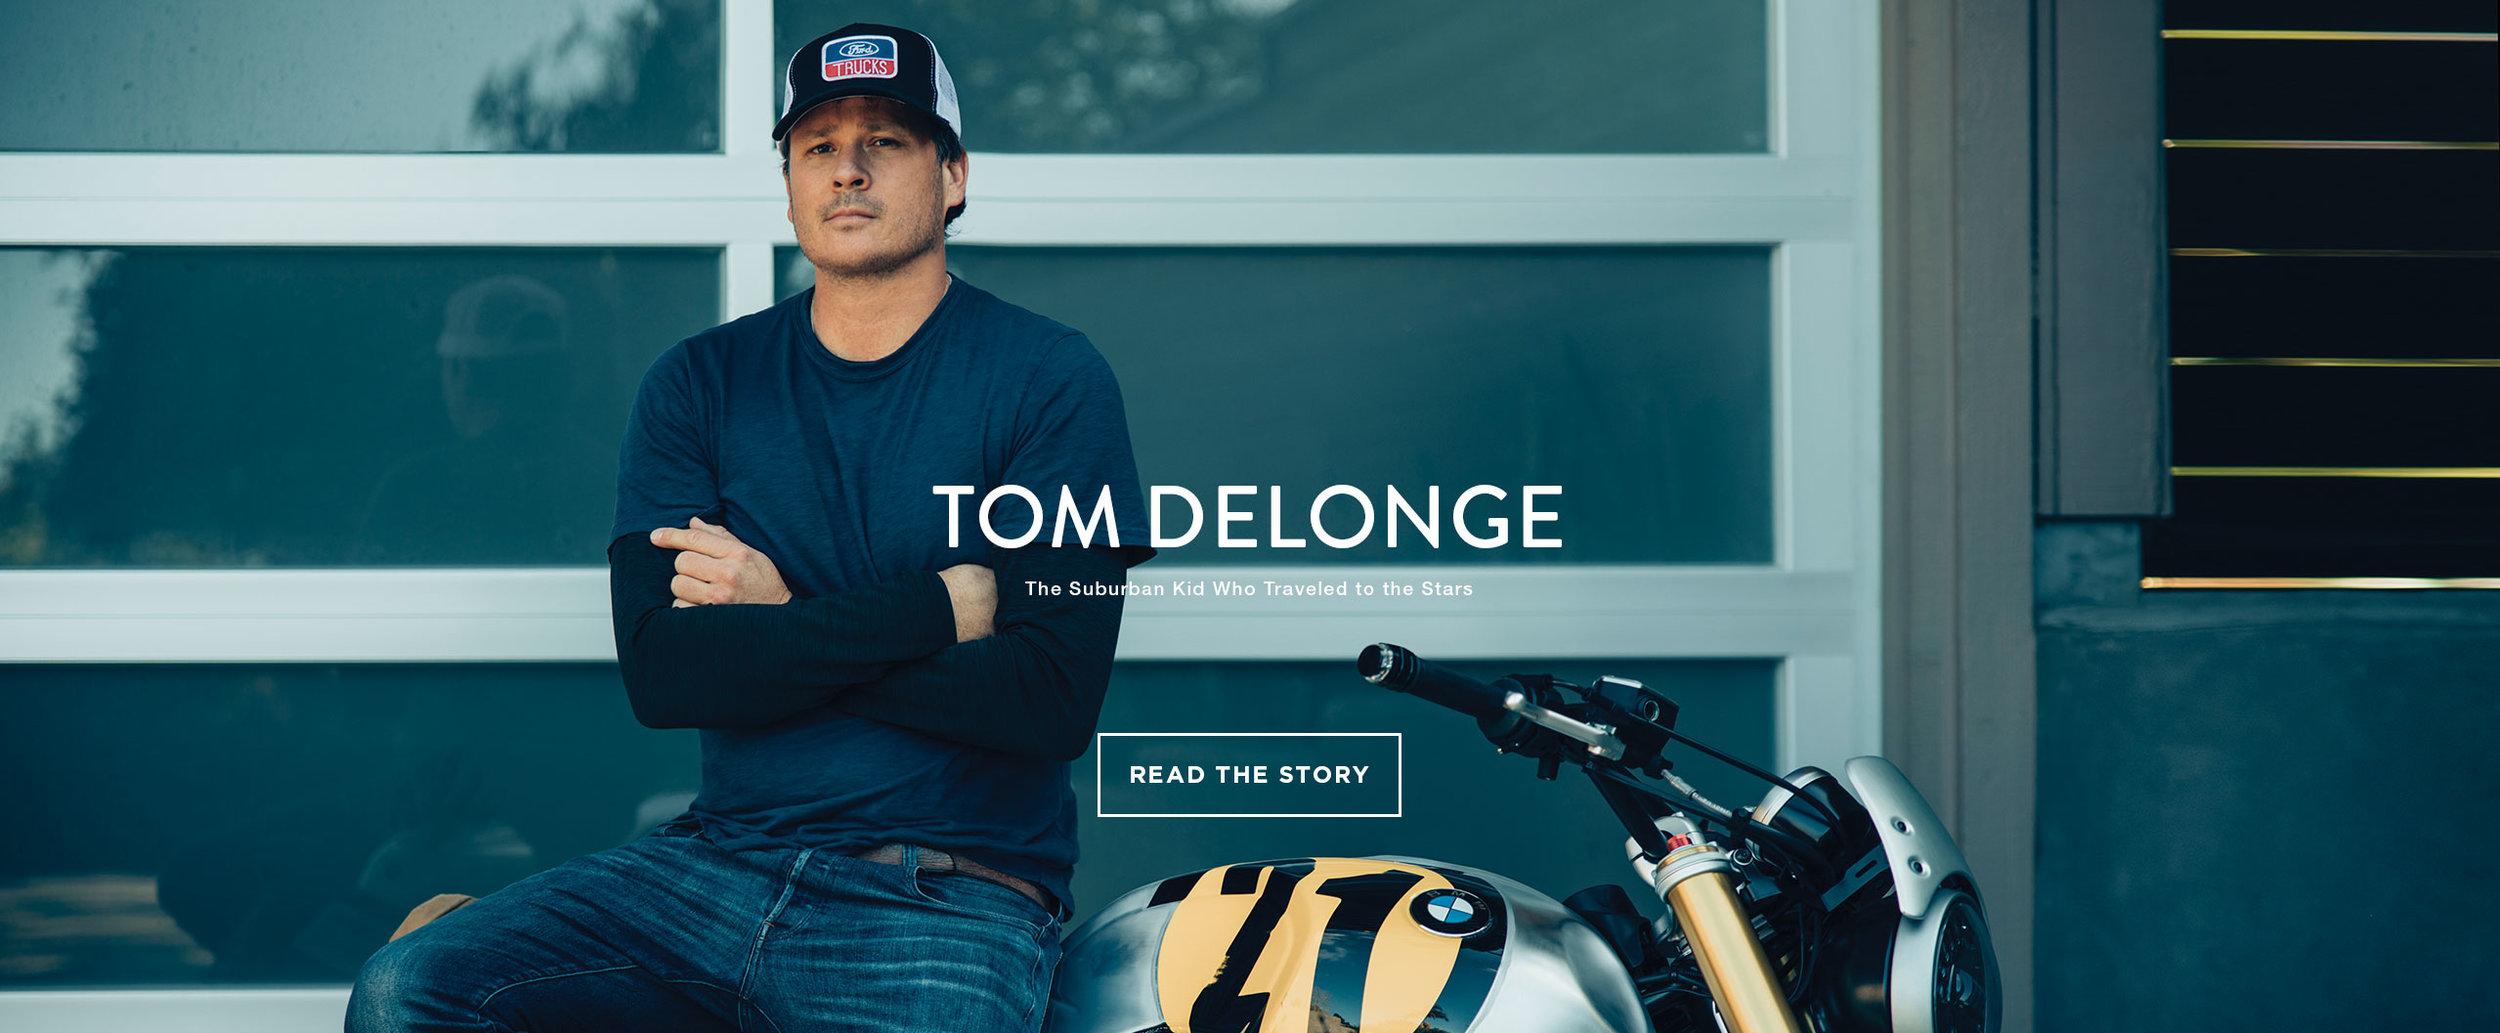 18-TomDelonge.jpg